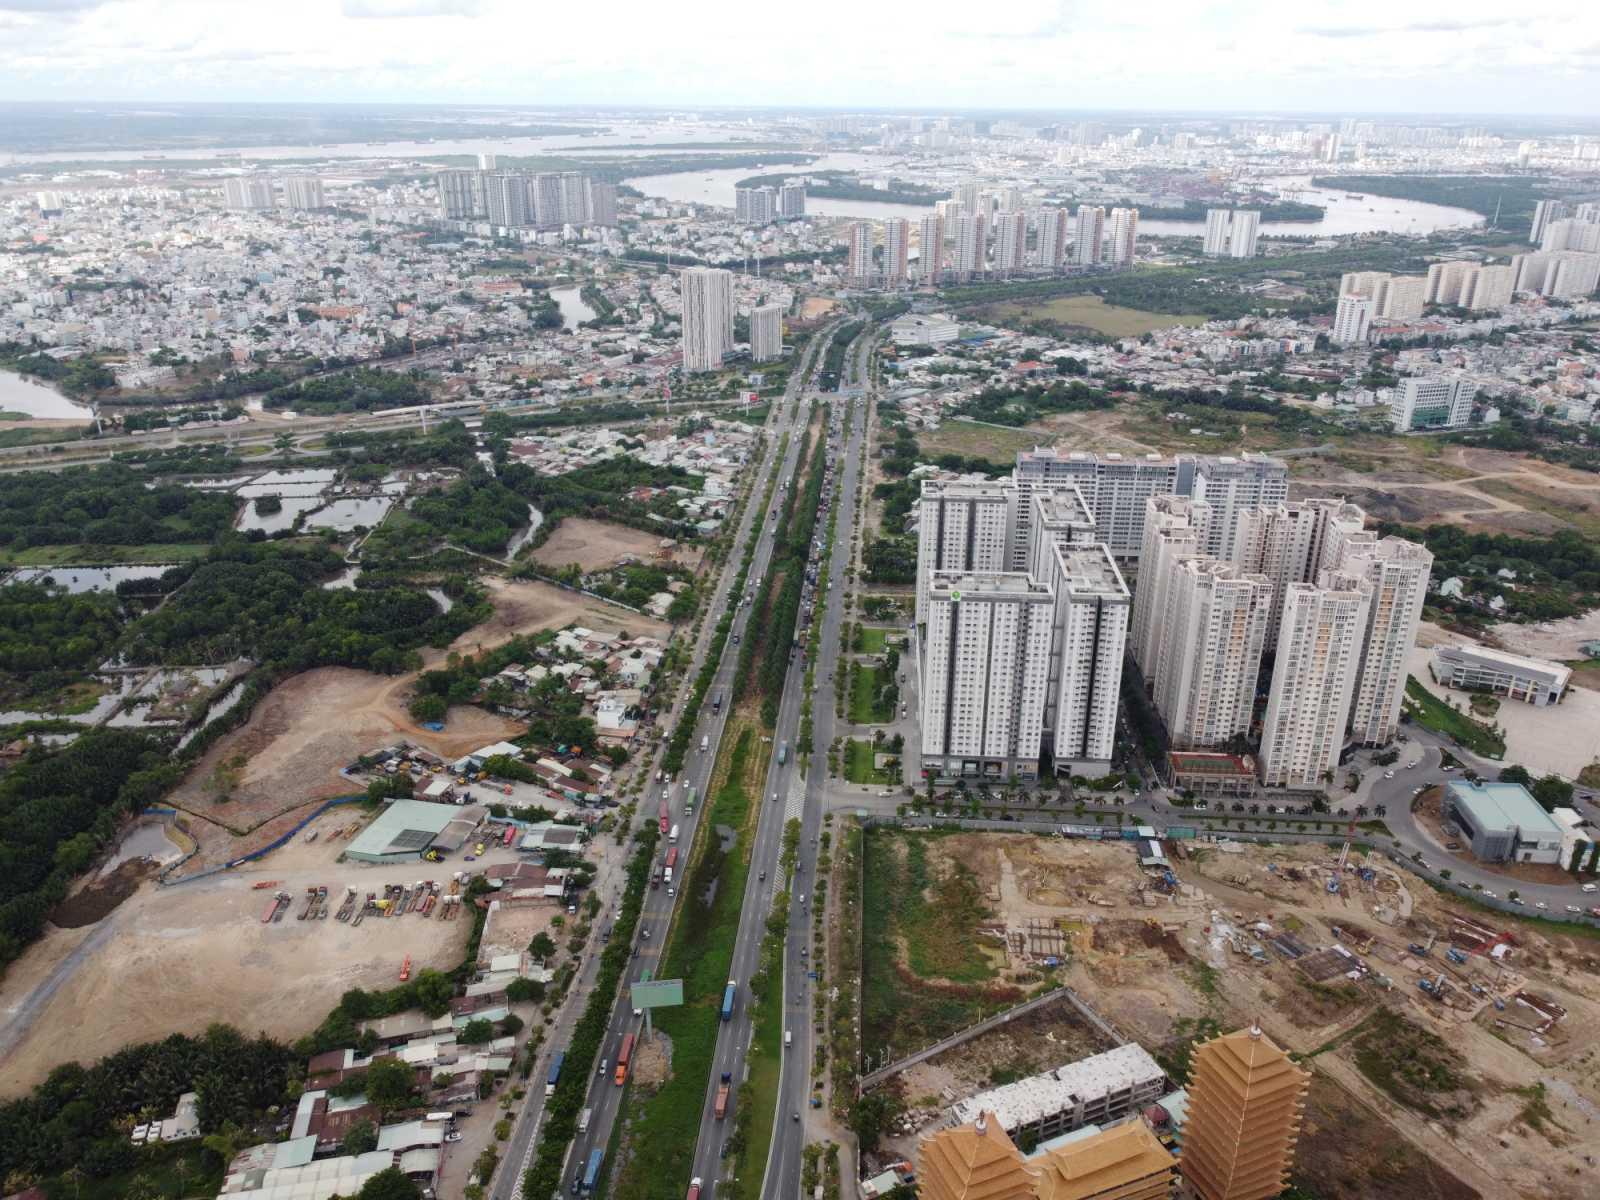 thành phố nhìn từ trên cao có nhiều tòa nhà cao tầng